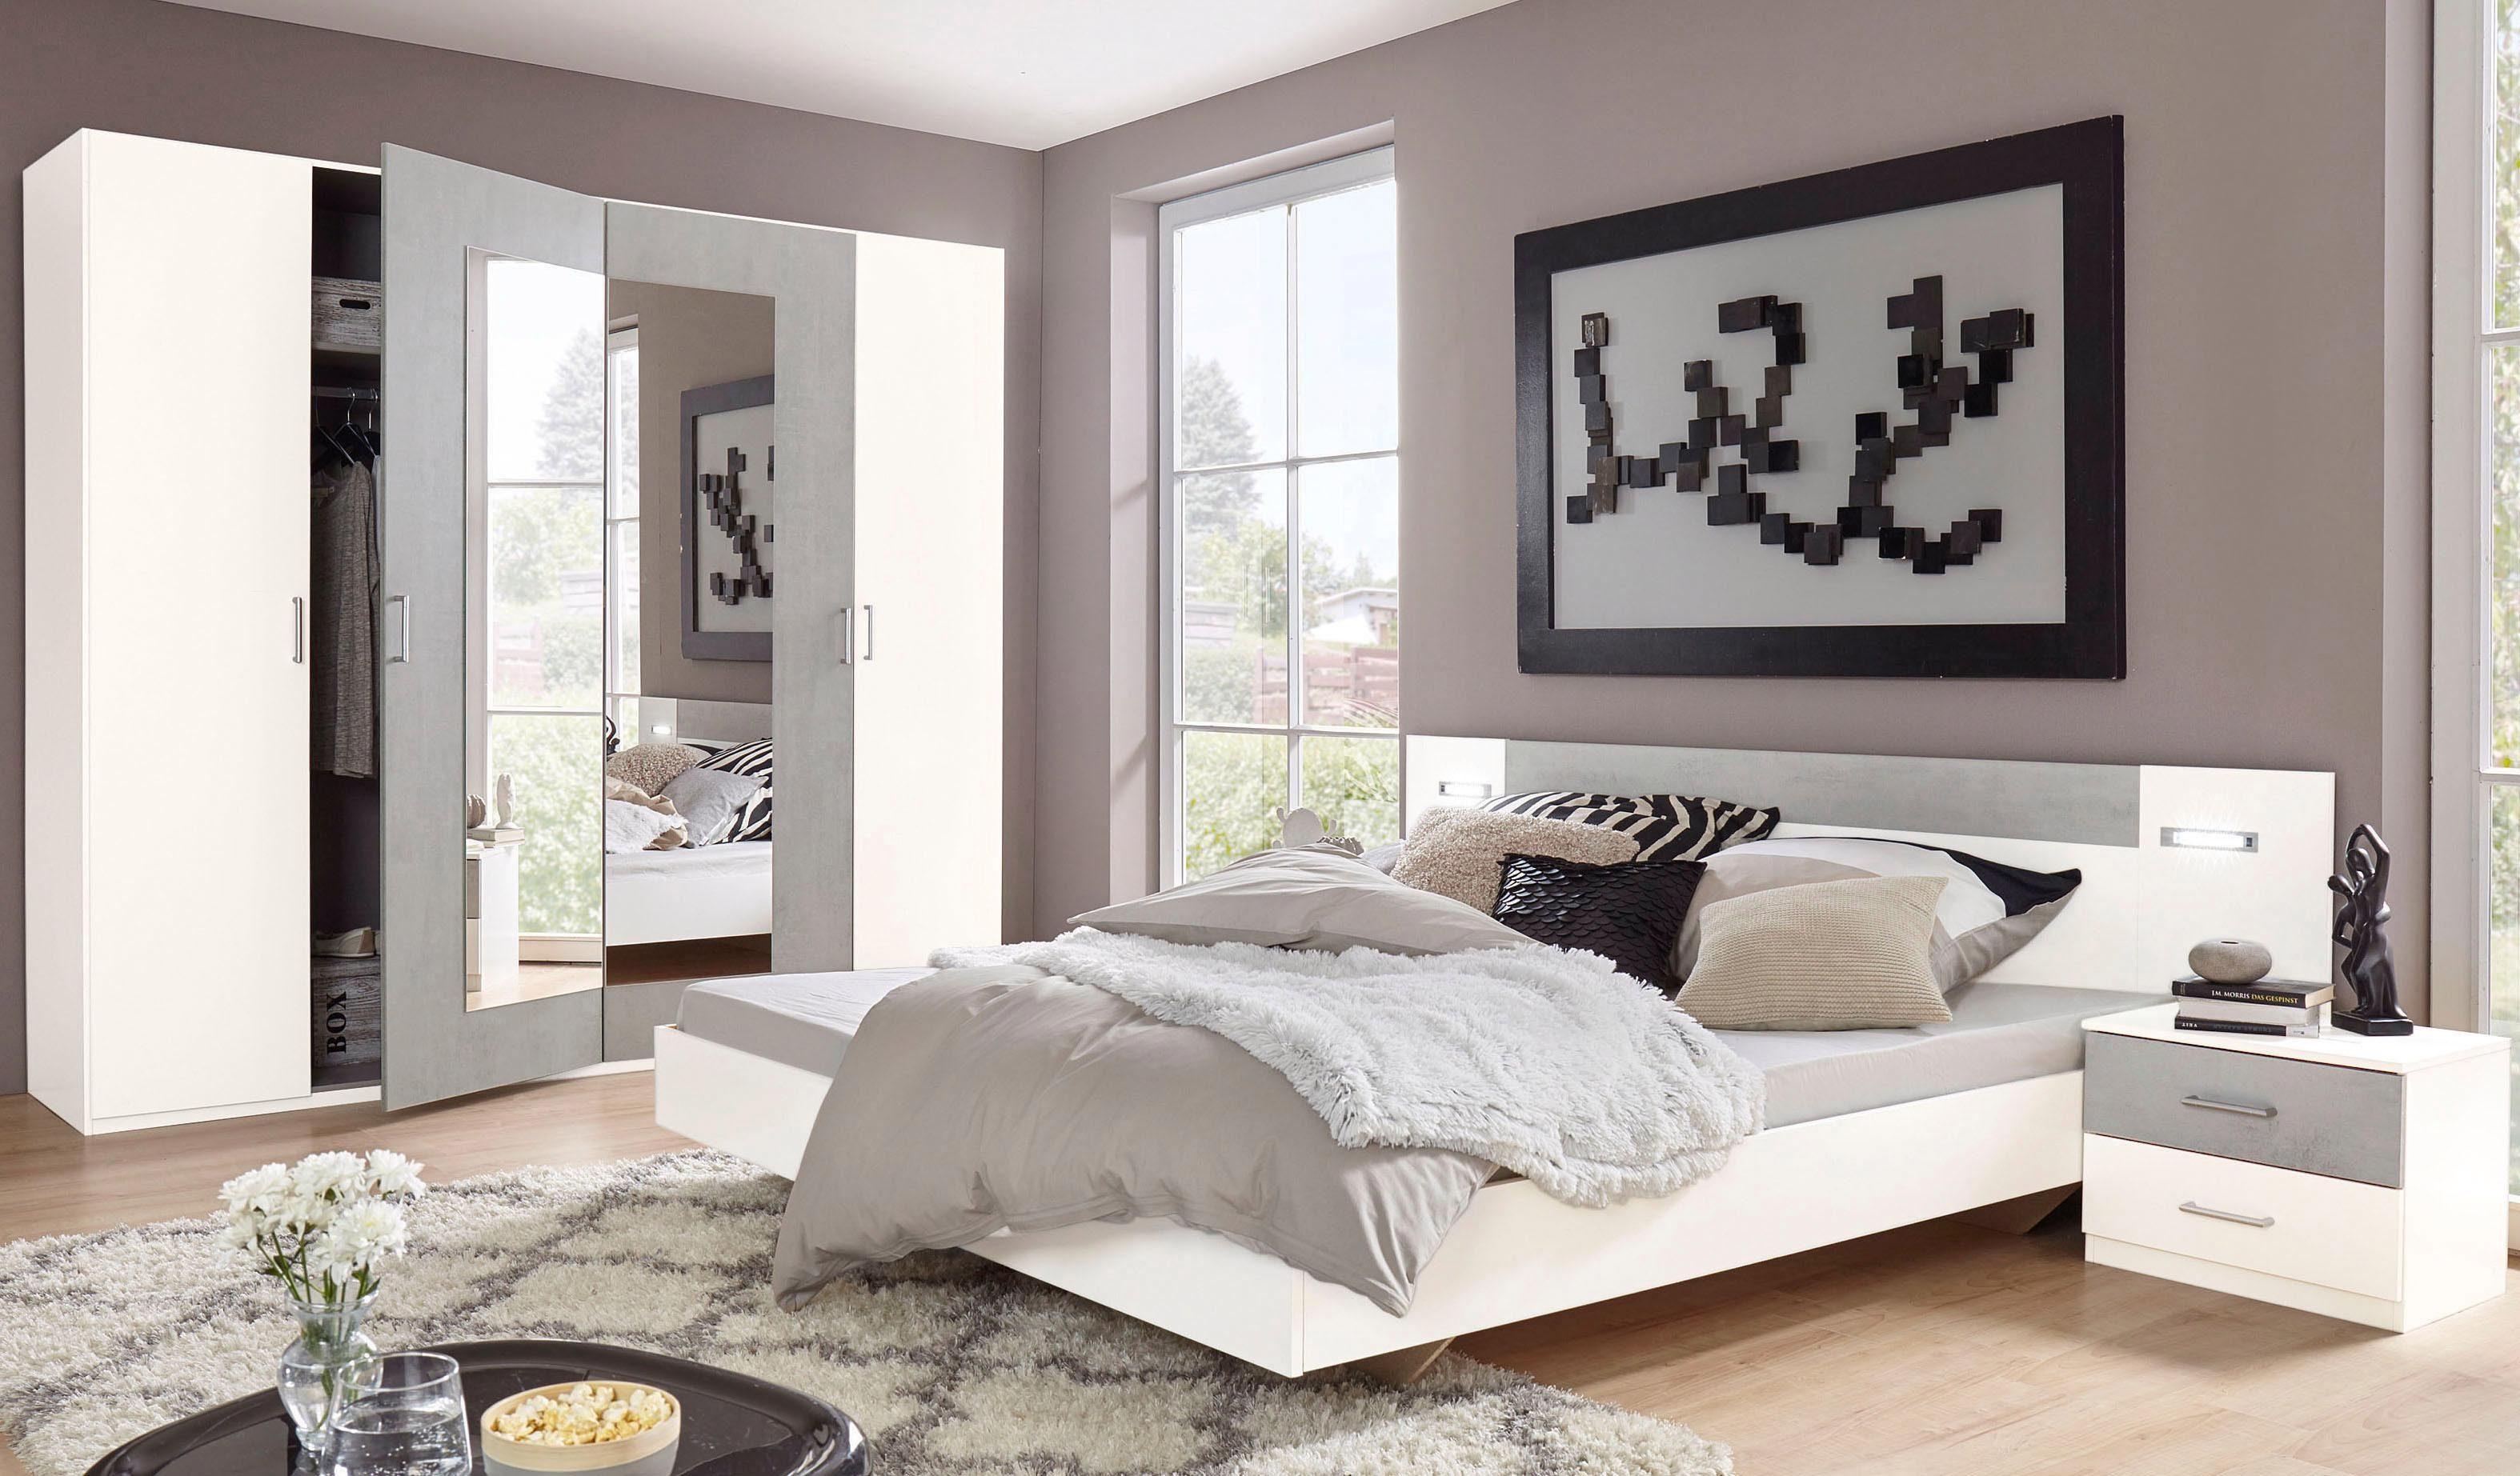 Wimex SchlafzimmerSet Angie 4teilig Set aus Schrank